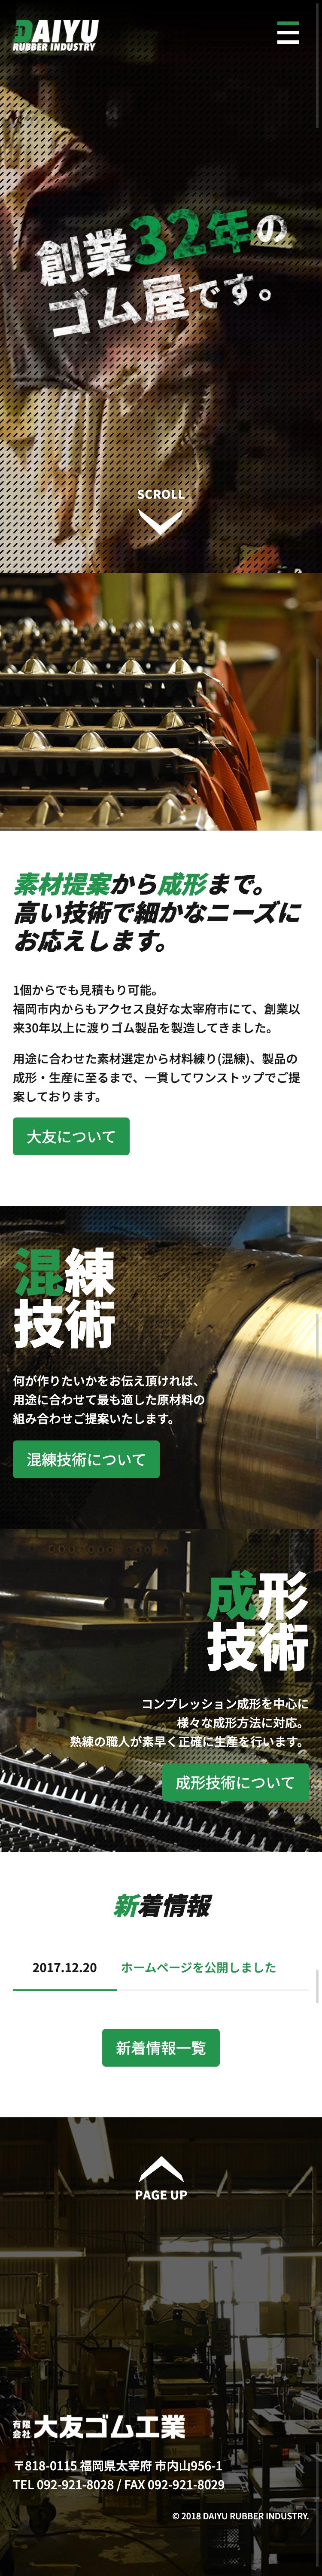 有限会社大友ゴム工業様 ホームページ SP画像